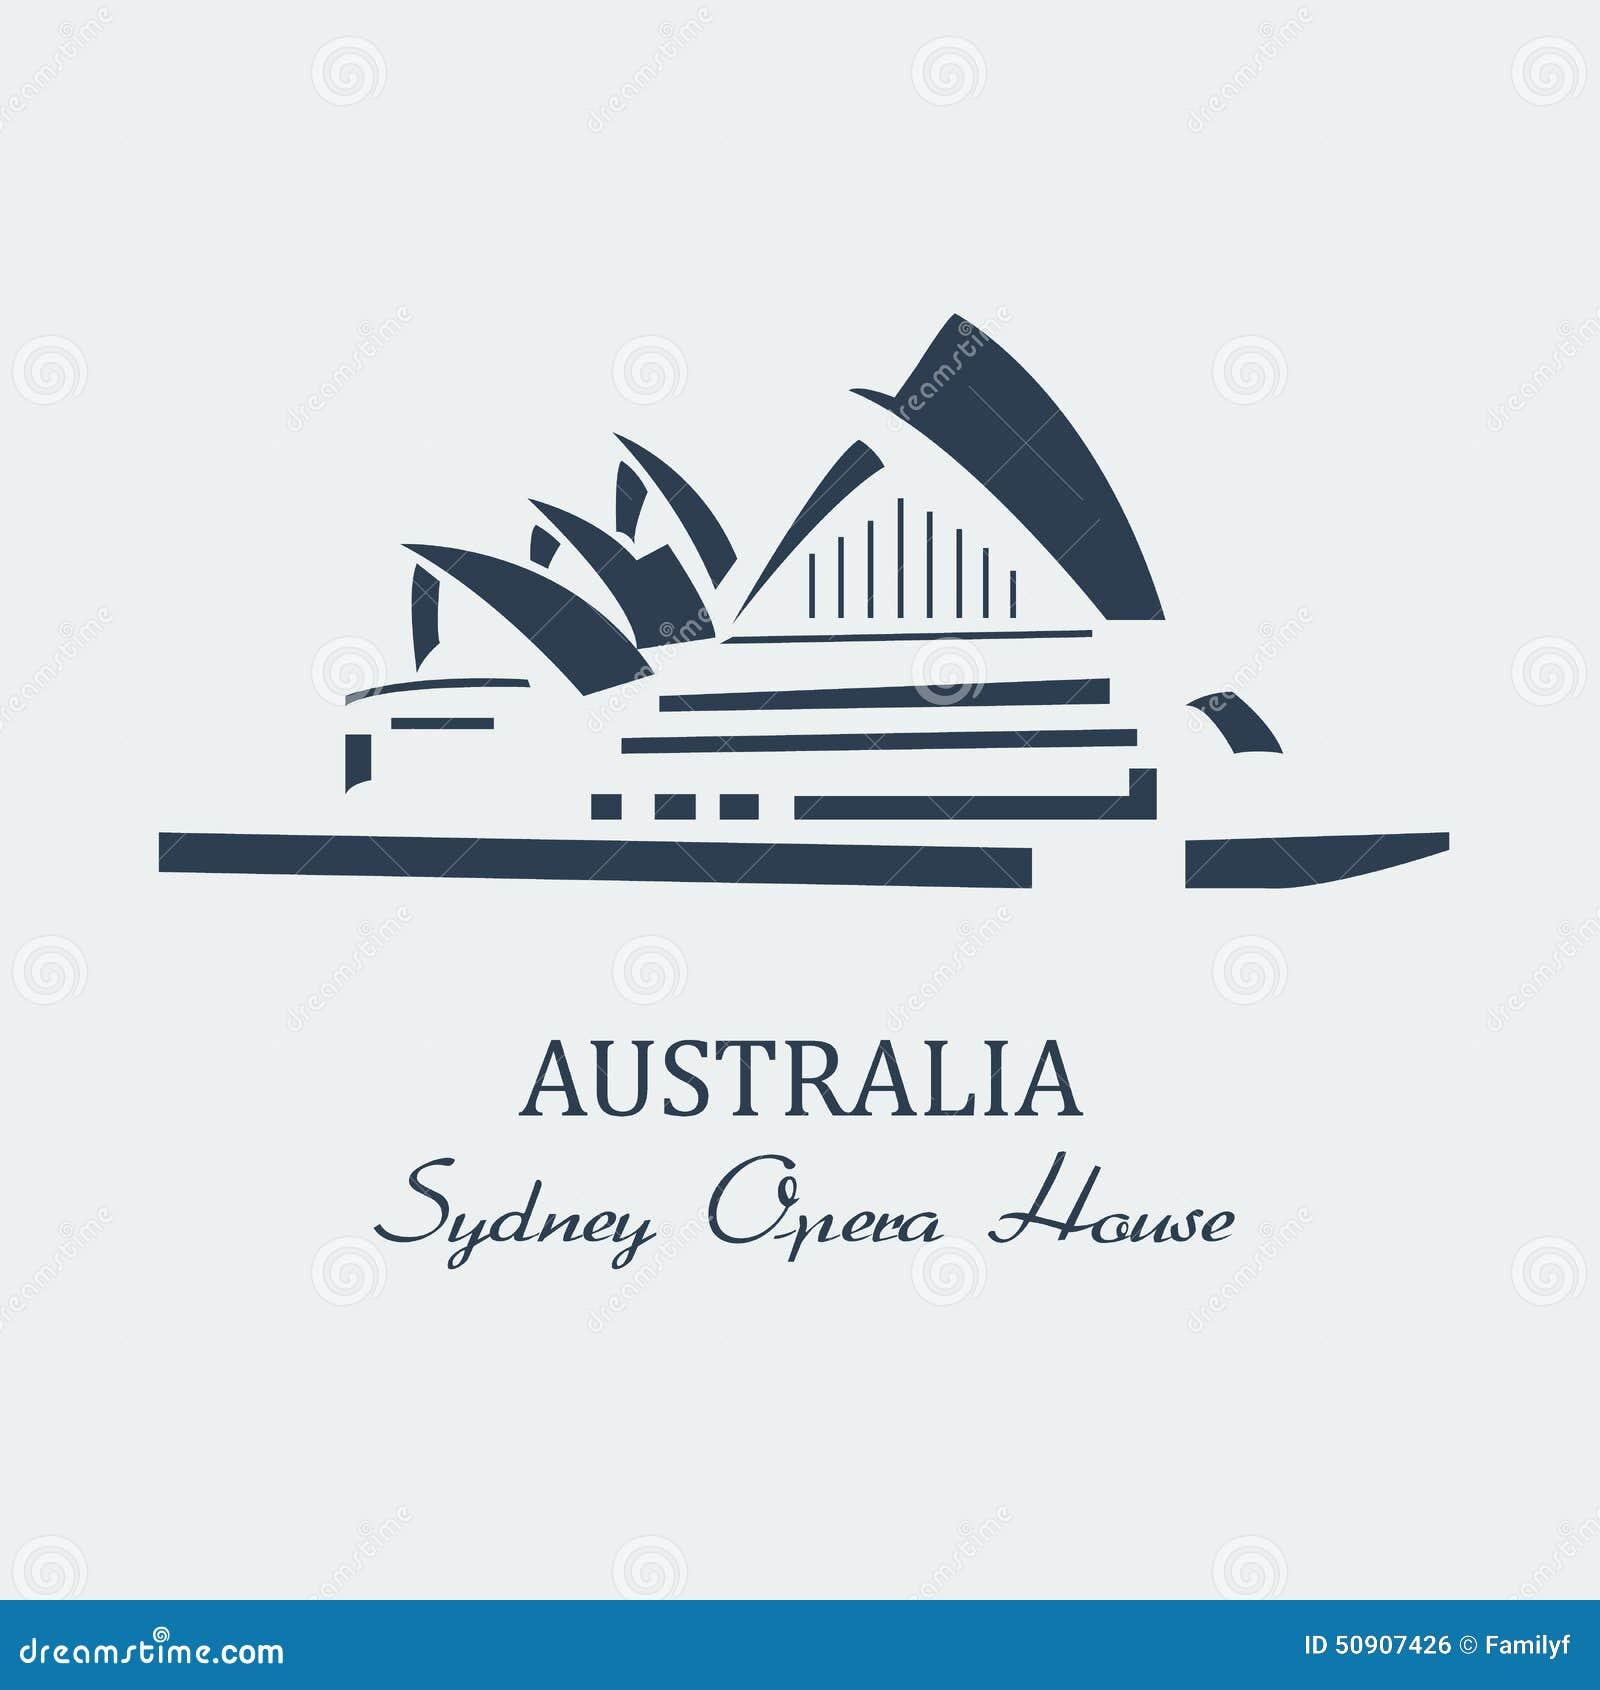 Html5 date format in Sydney